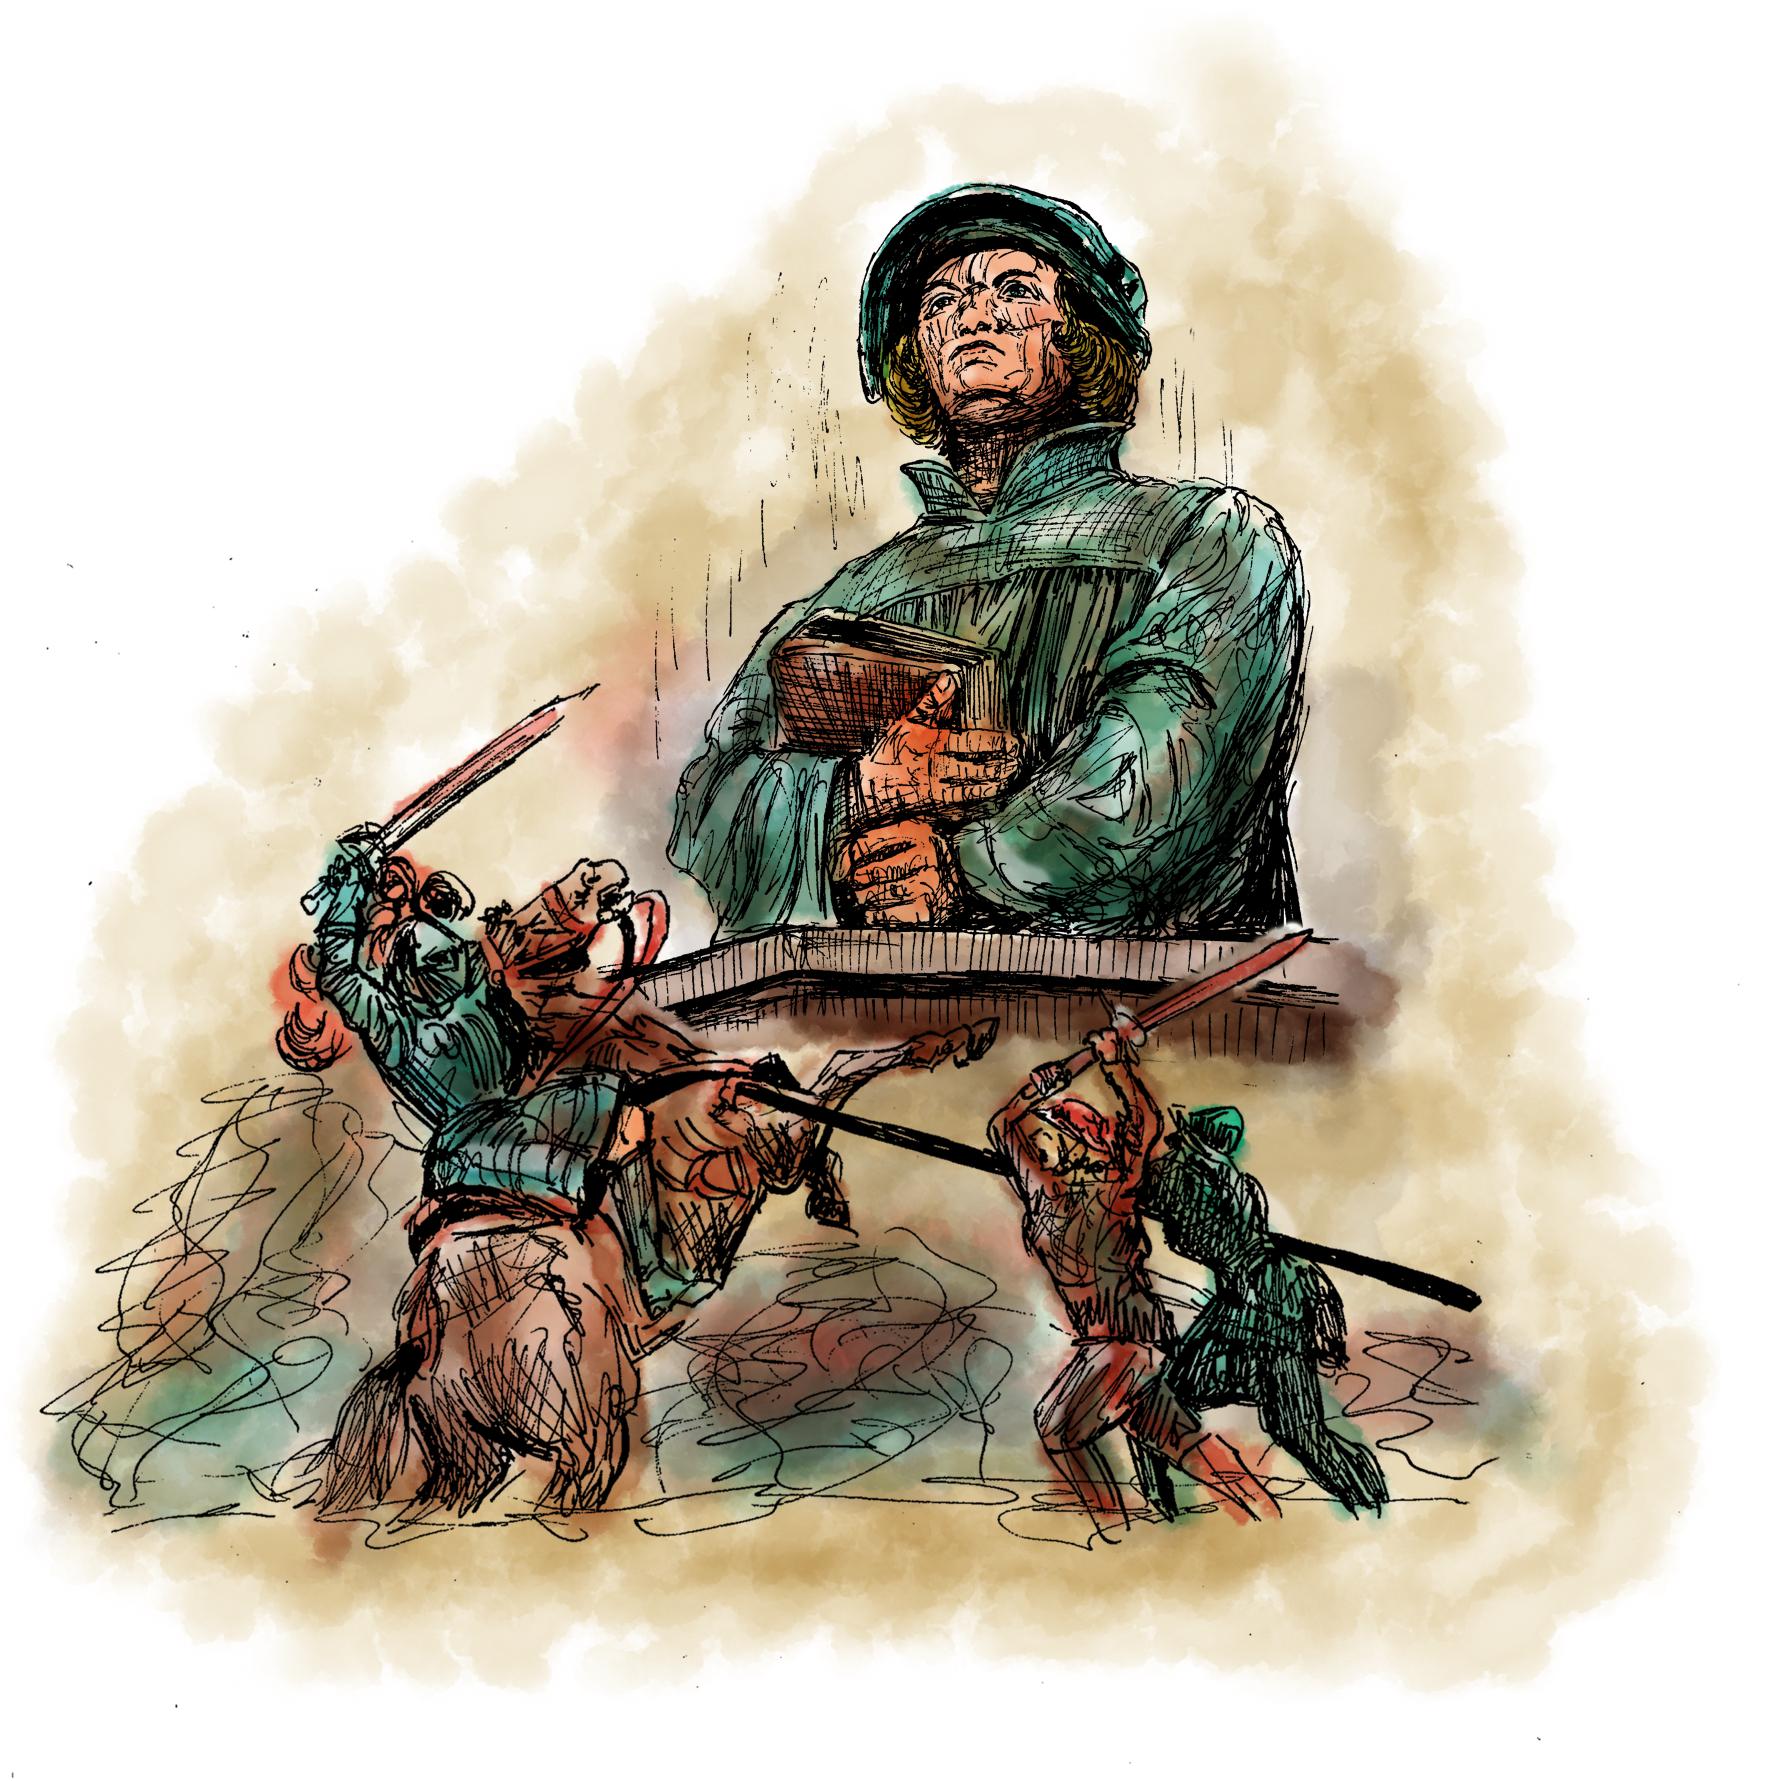 Zwingli Reformator Illustratorin Vida Sprenger, VidART.ch